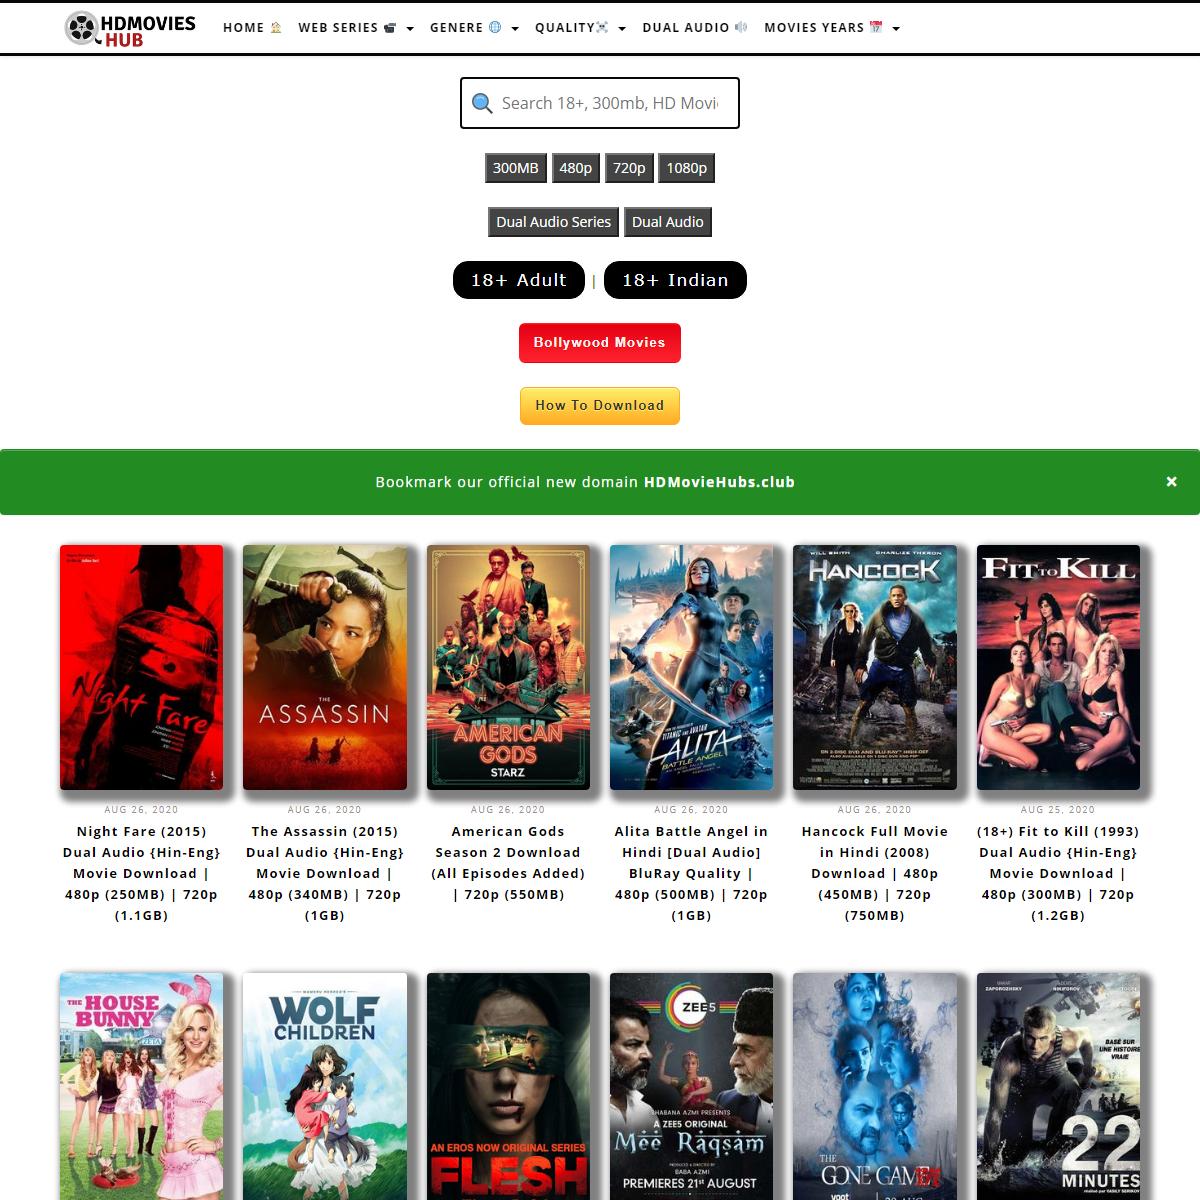 HdMoviesHub - 300mb Movies, 720p Movies, Hindi Dubbed Series, 1080p Movies, 480p Movies, 500mb Movies, 900mb Movies, Tv series,